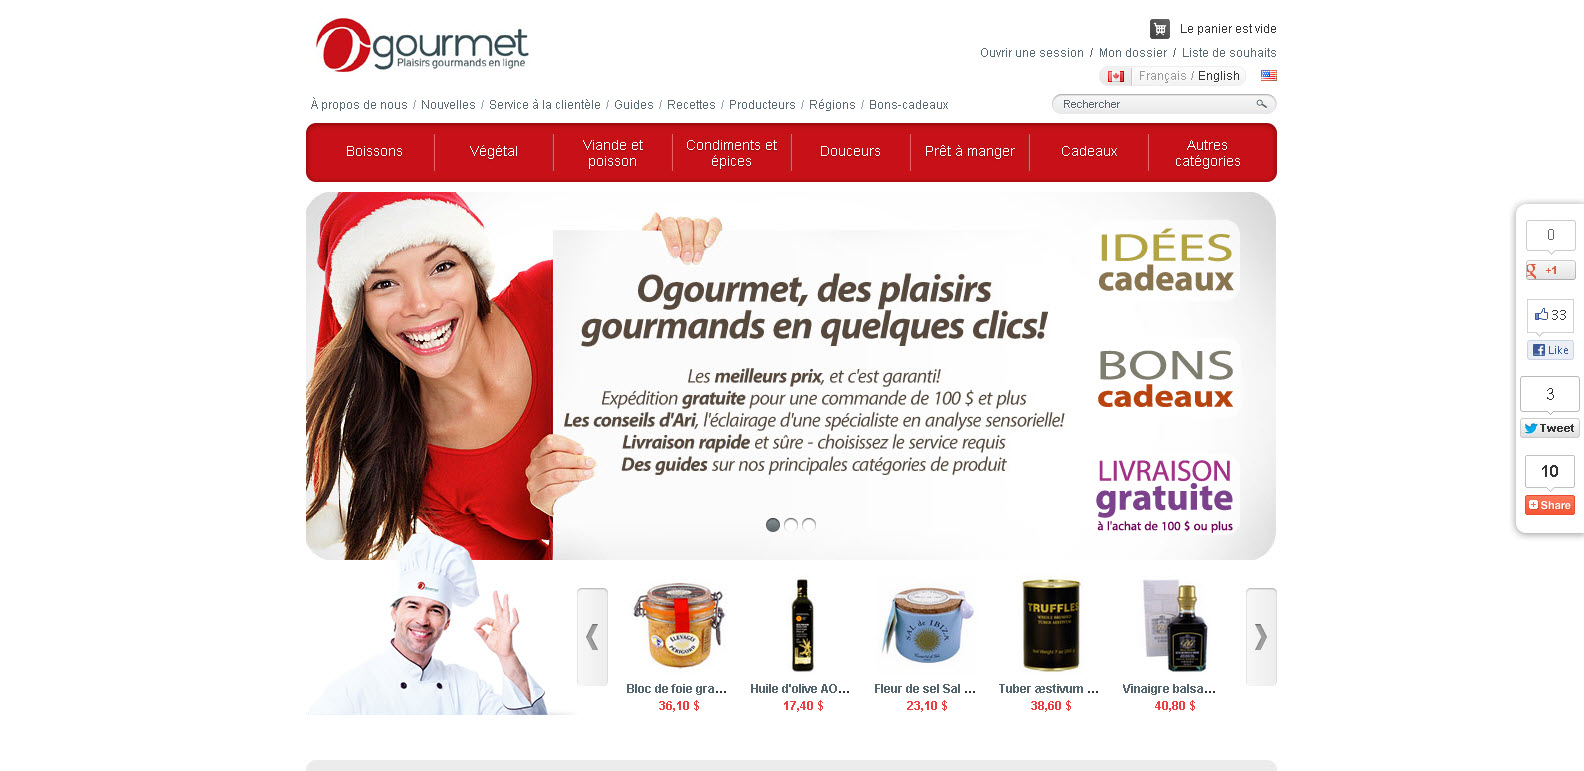 Ogourmet